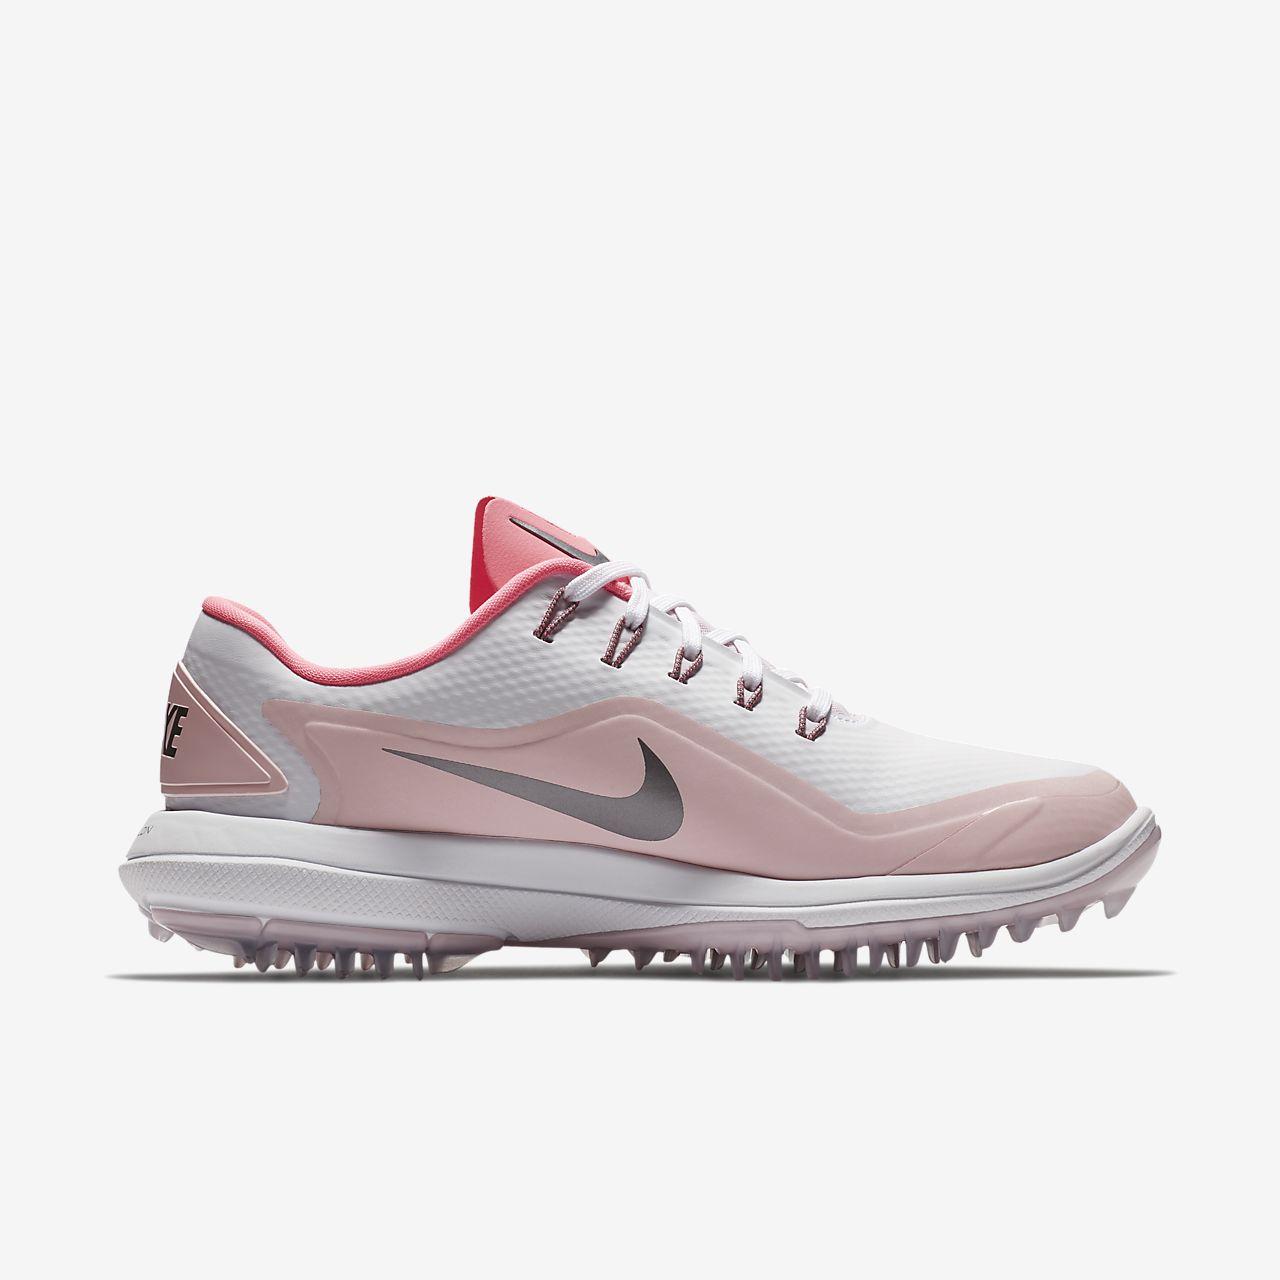 ... Nike Lunar Control Vapor 2 Women's Golf Shoe